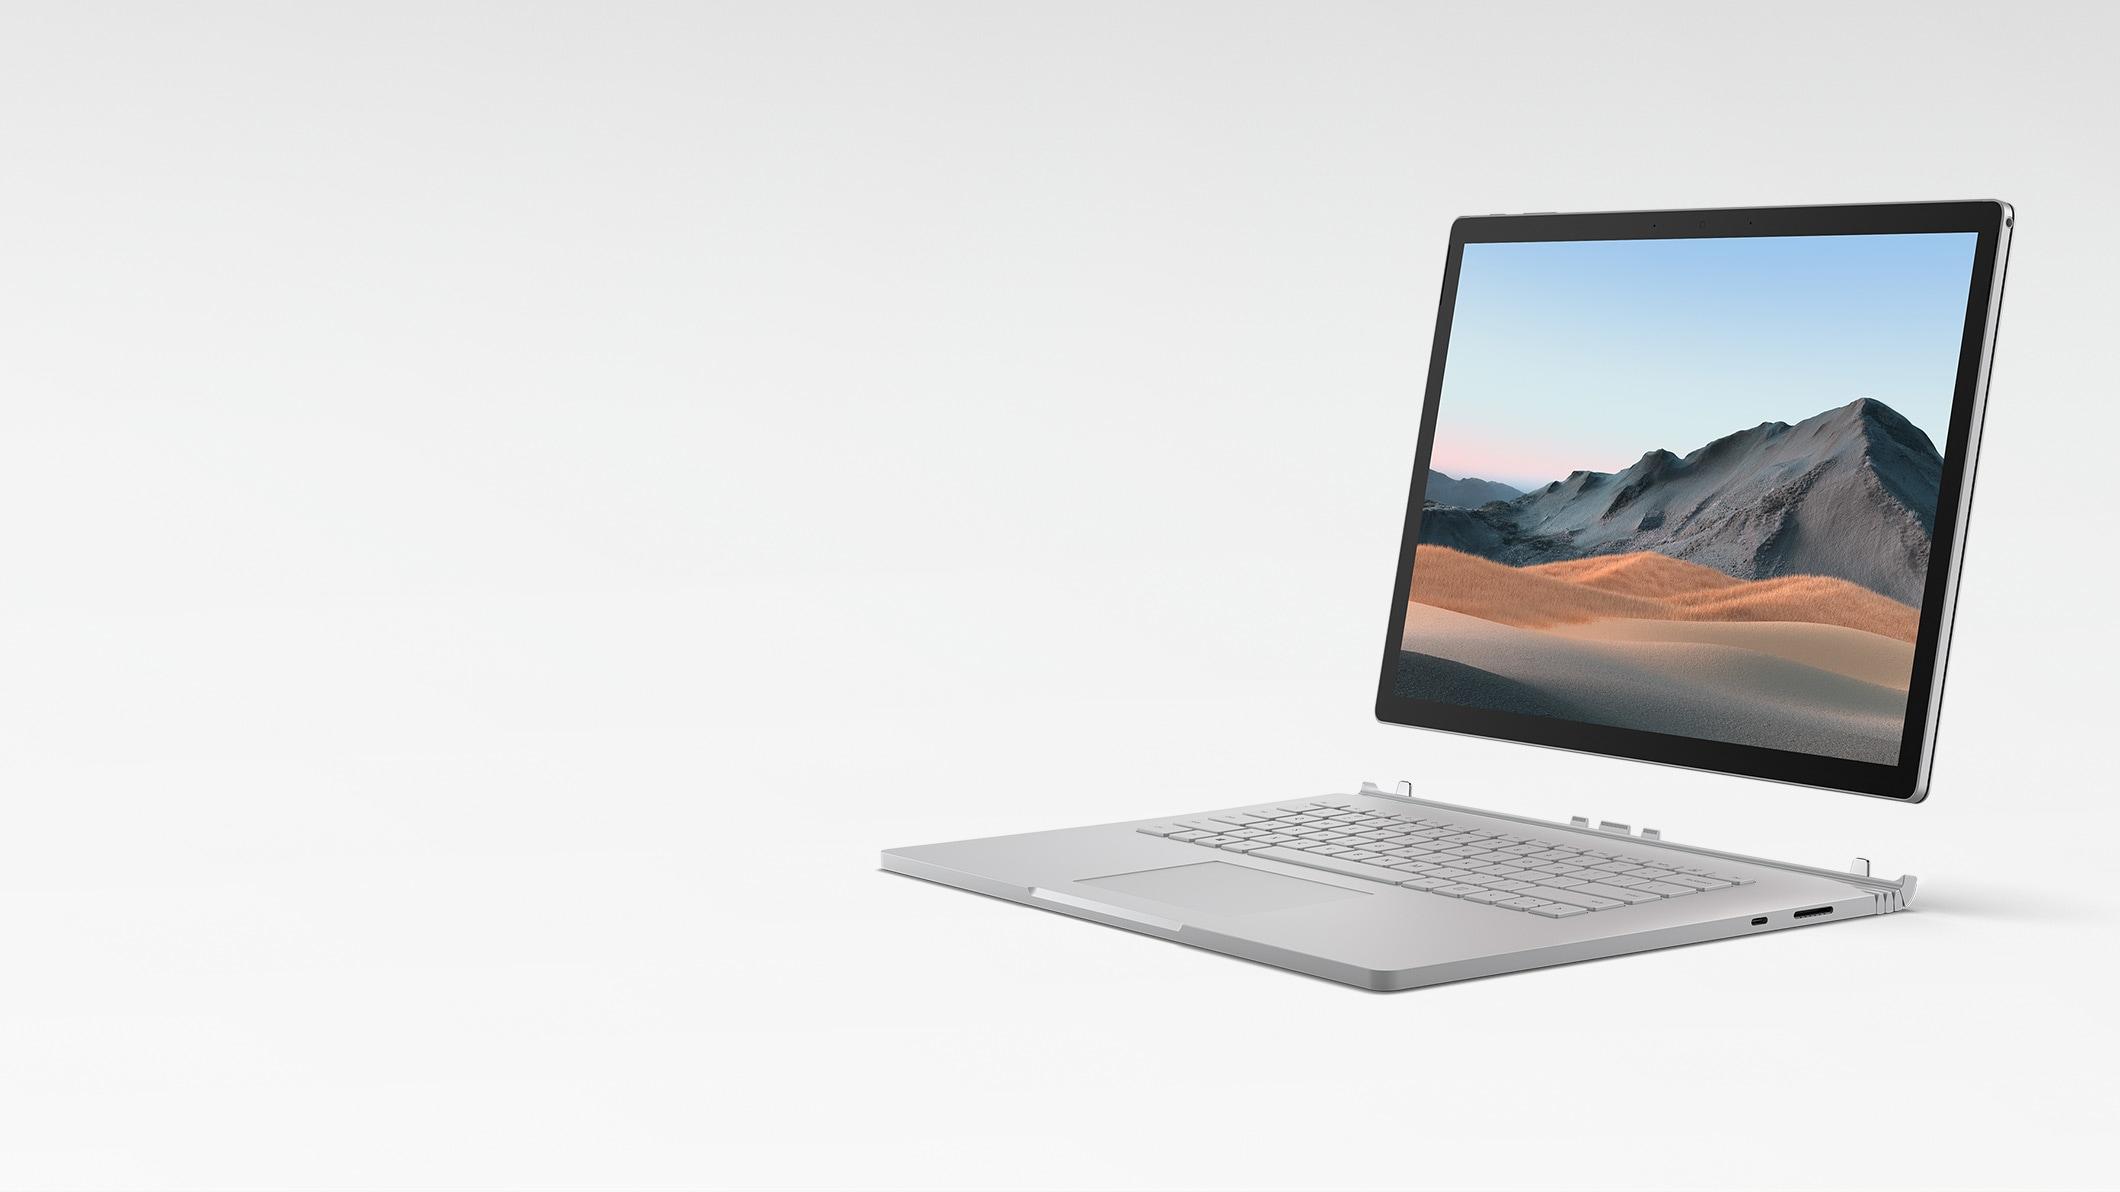 Surface Book 3 in laptopmodus met het beeldscherm losgekoppeld van het toetsenbord